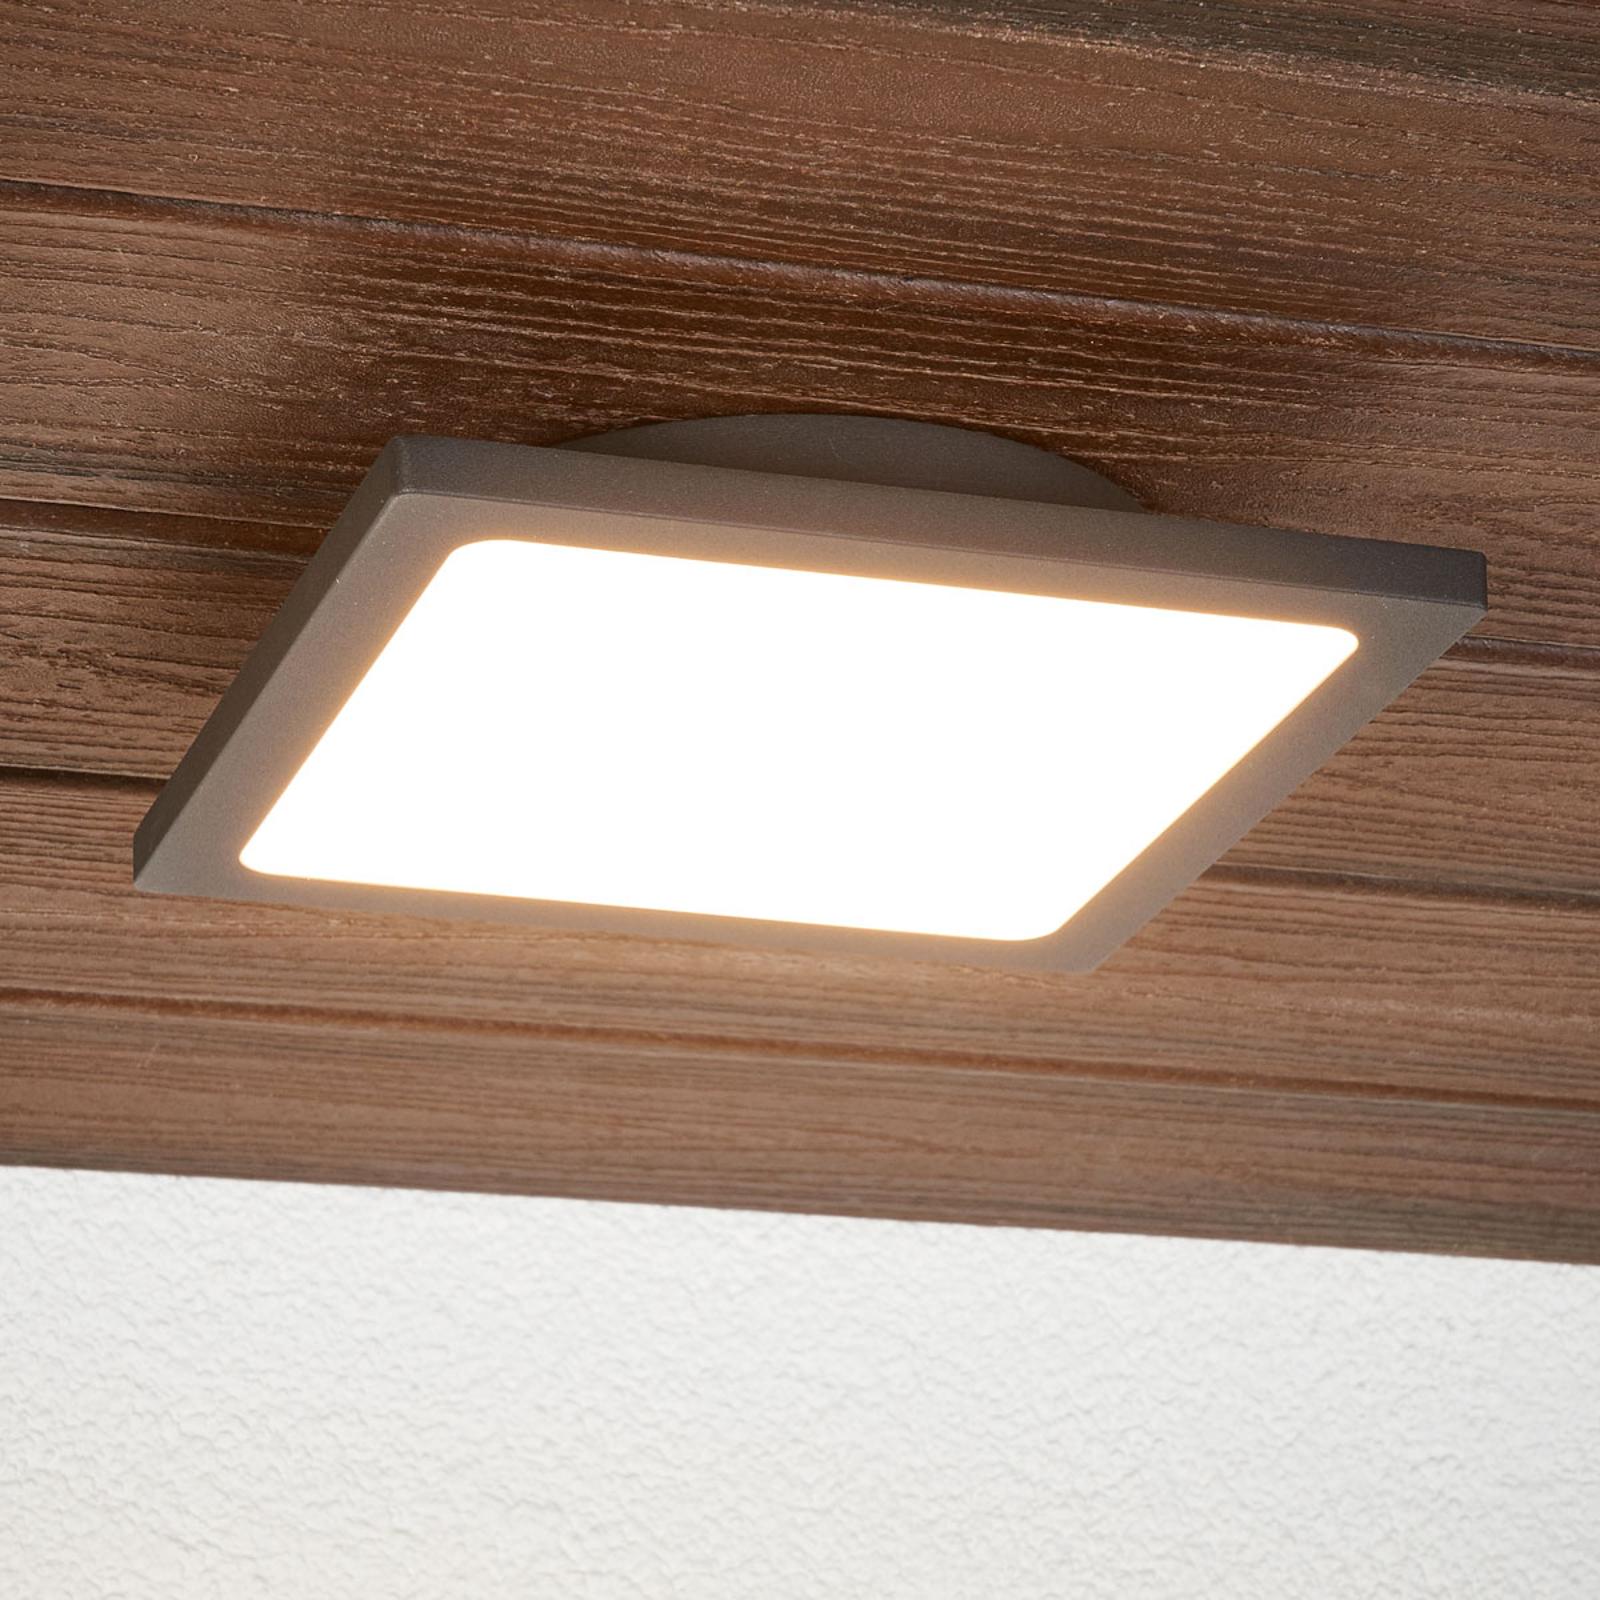 Mabella - LED-loftslampe til udendørs med sensor